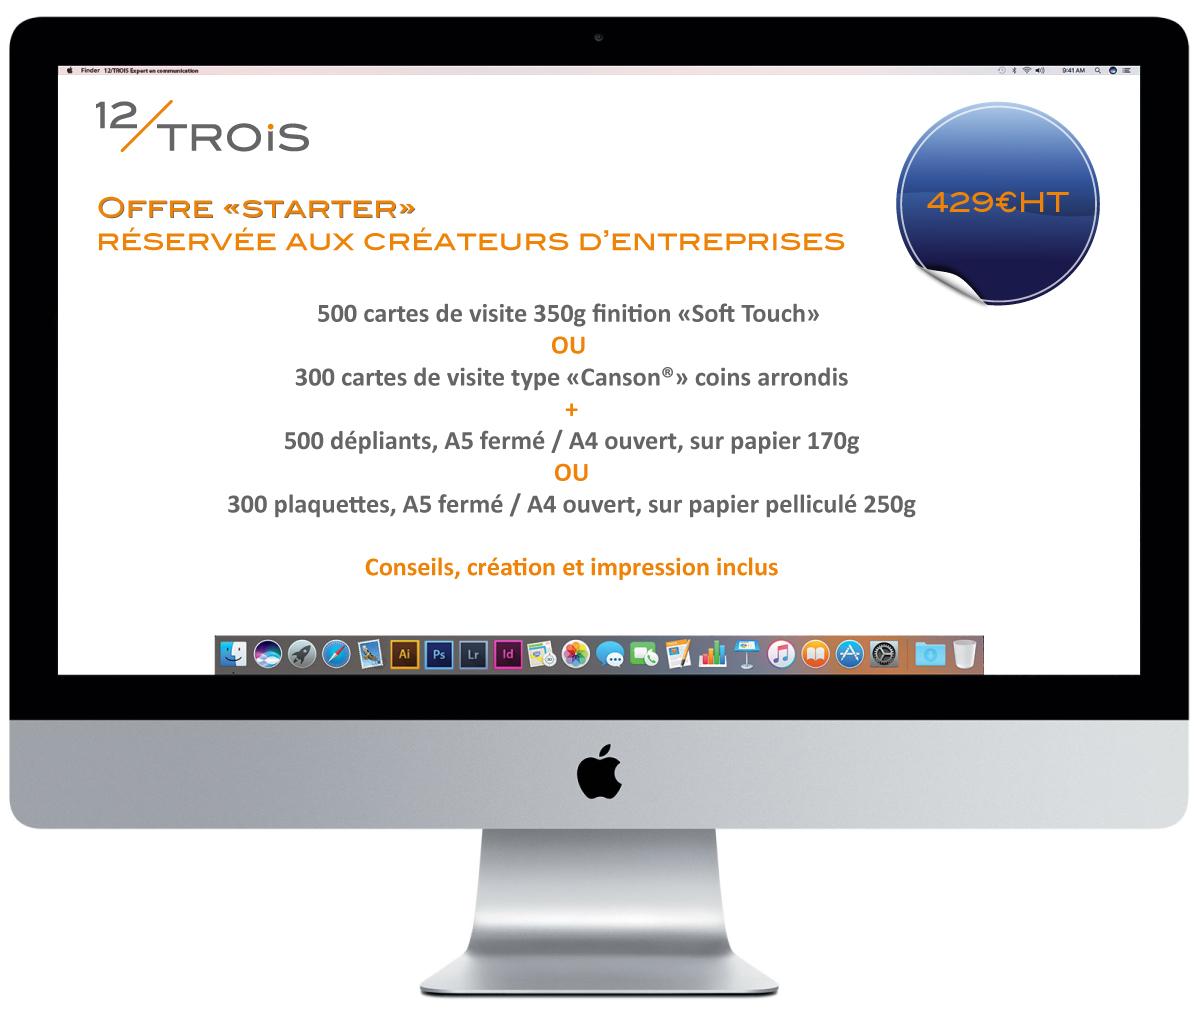 Création d'entreprise à Bordeaux, les premiers supports de communication